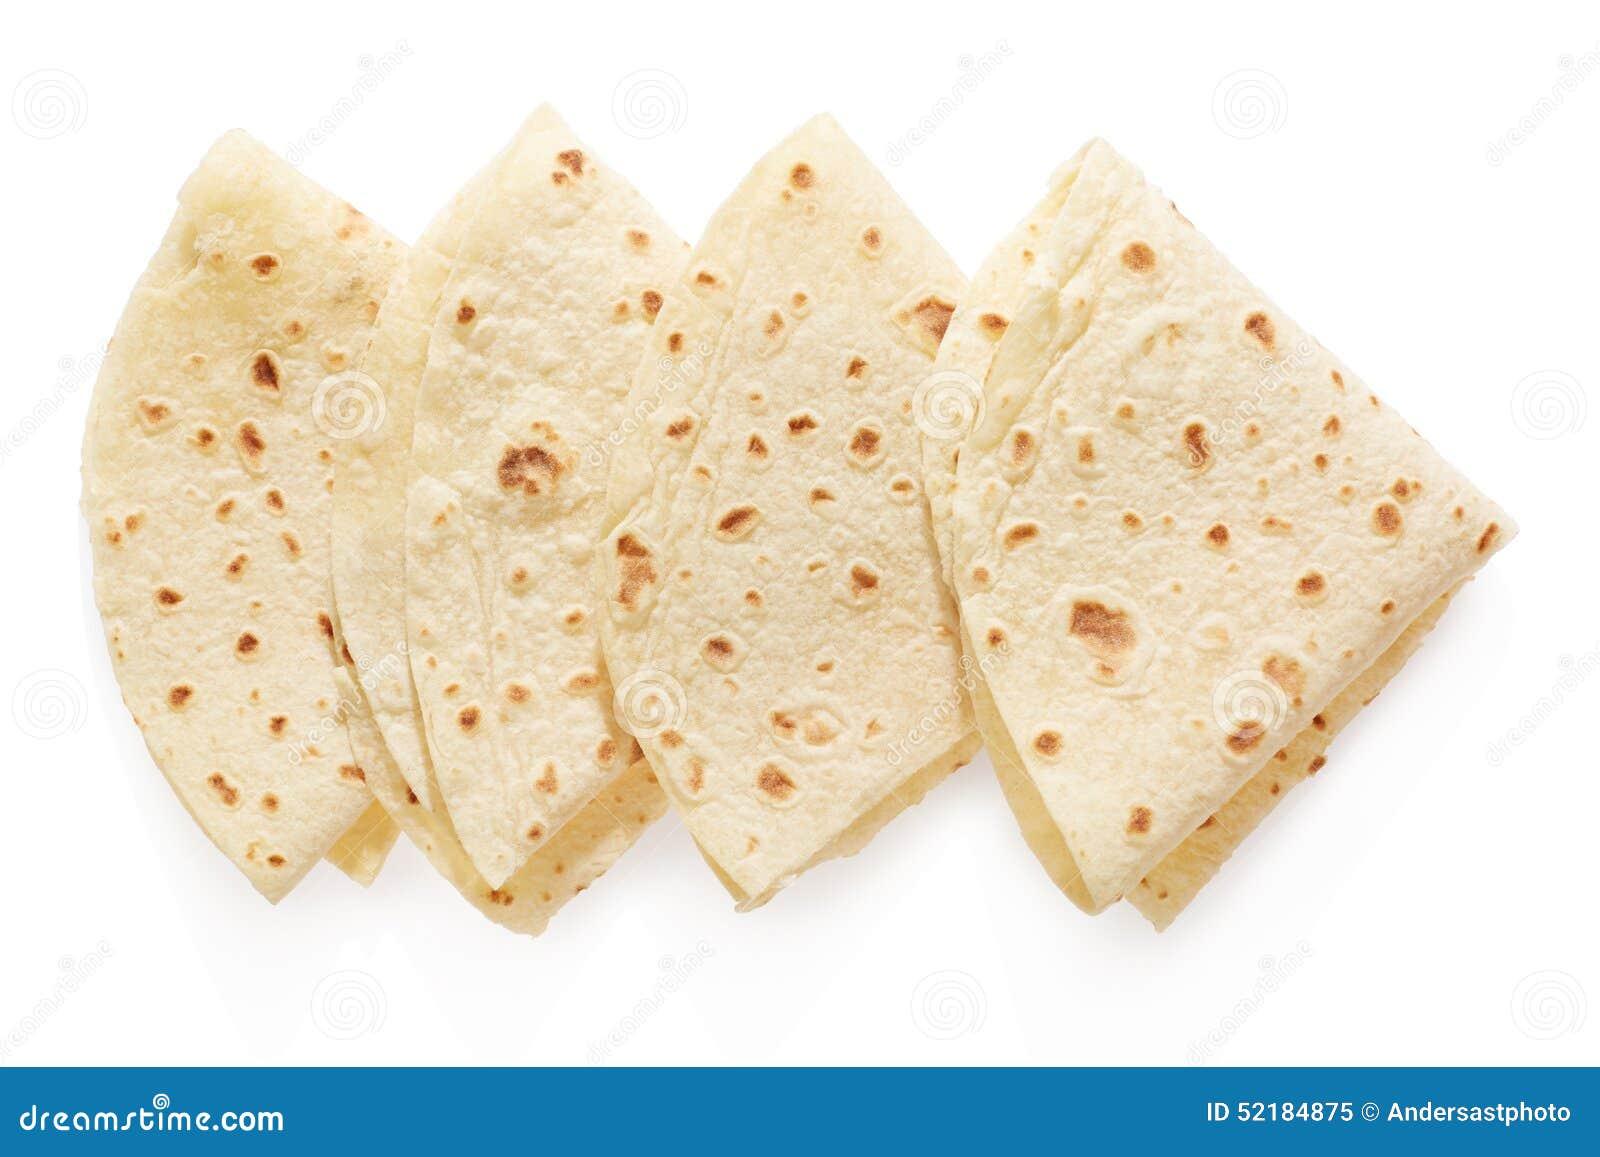 Piadina, italienische Tortilladreiecke auf Weiß